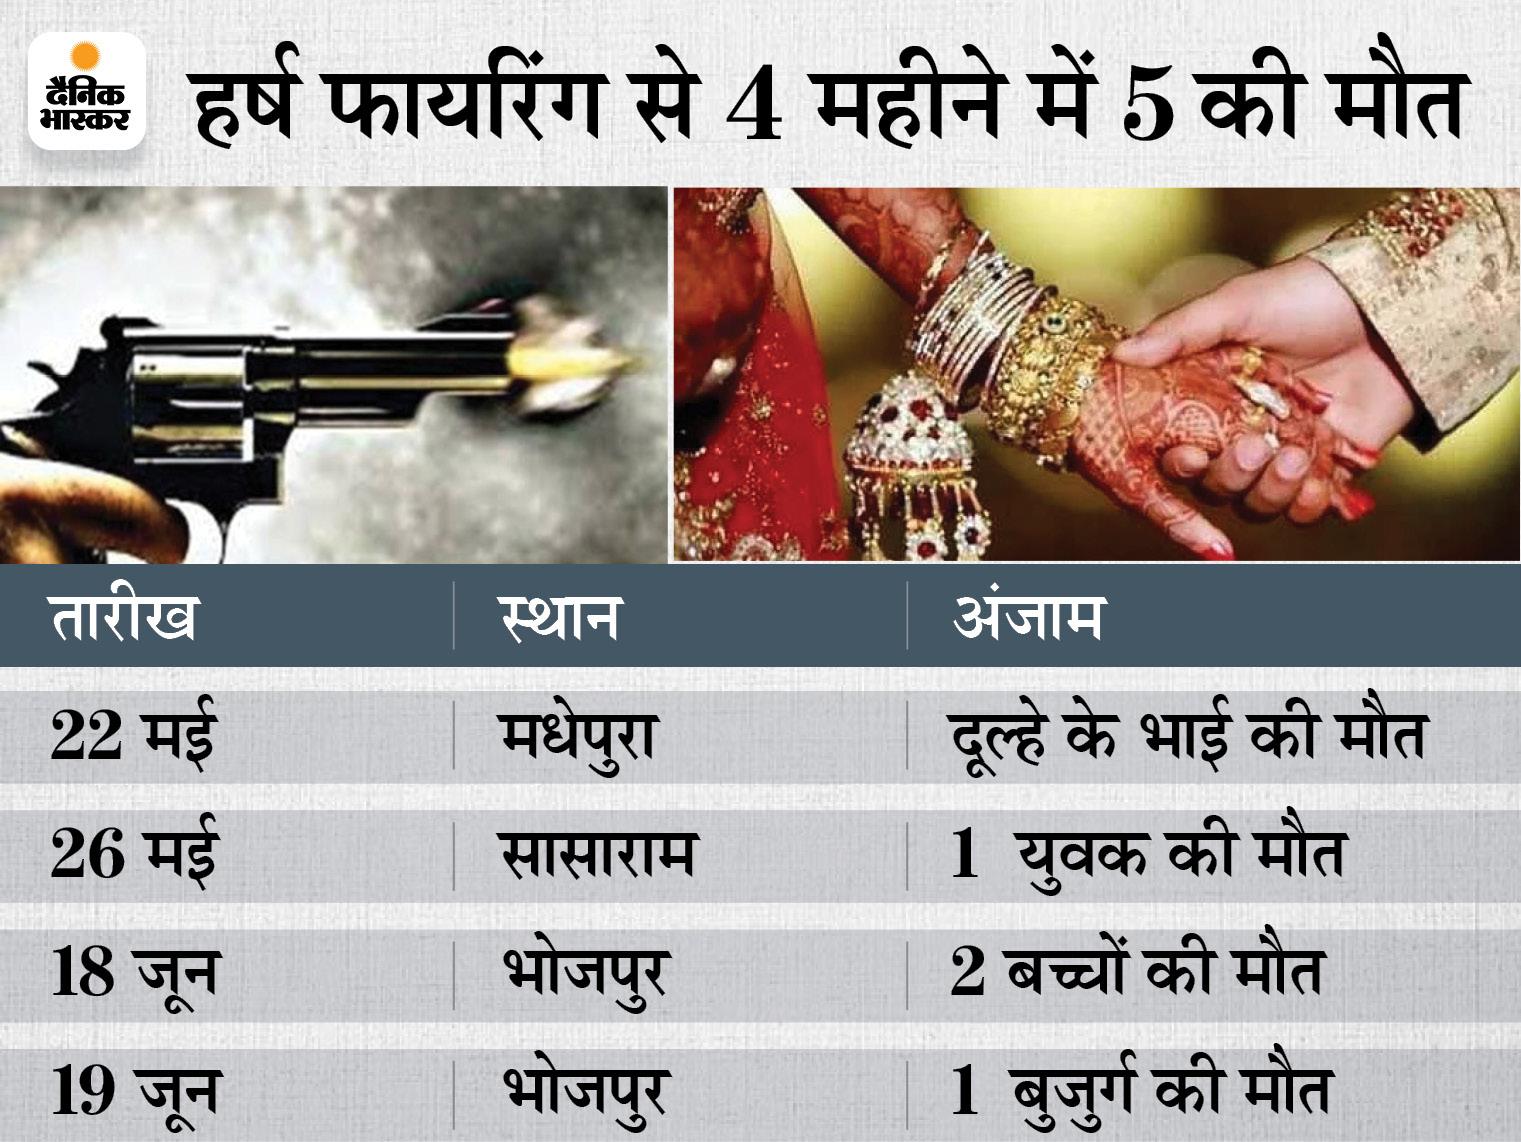 अप्रैल से जुलाई तक 37 शुभ मुहूर्त पर 15 बार फायरिंग हुई, दूल्हे के भाई सहित 5 की जान चली गई; ज्यादातर जगह अवैध हथियारों से चली गोलियां बिहार,Bihar - Dainik Bhaskar